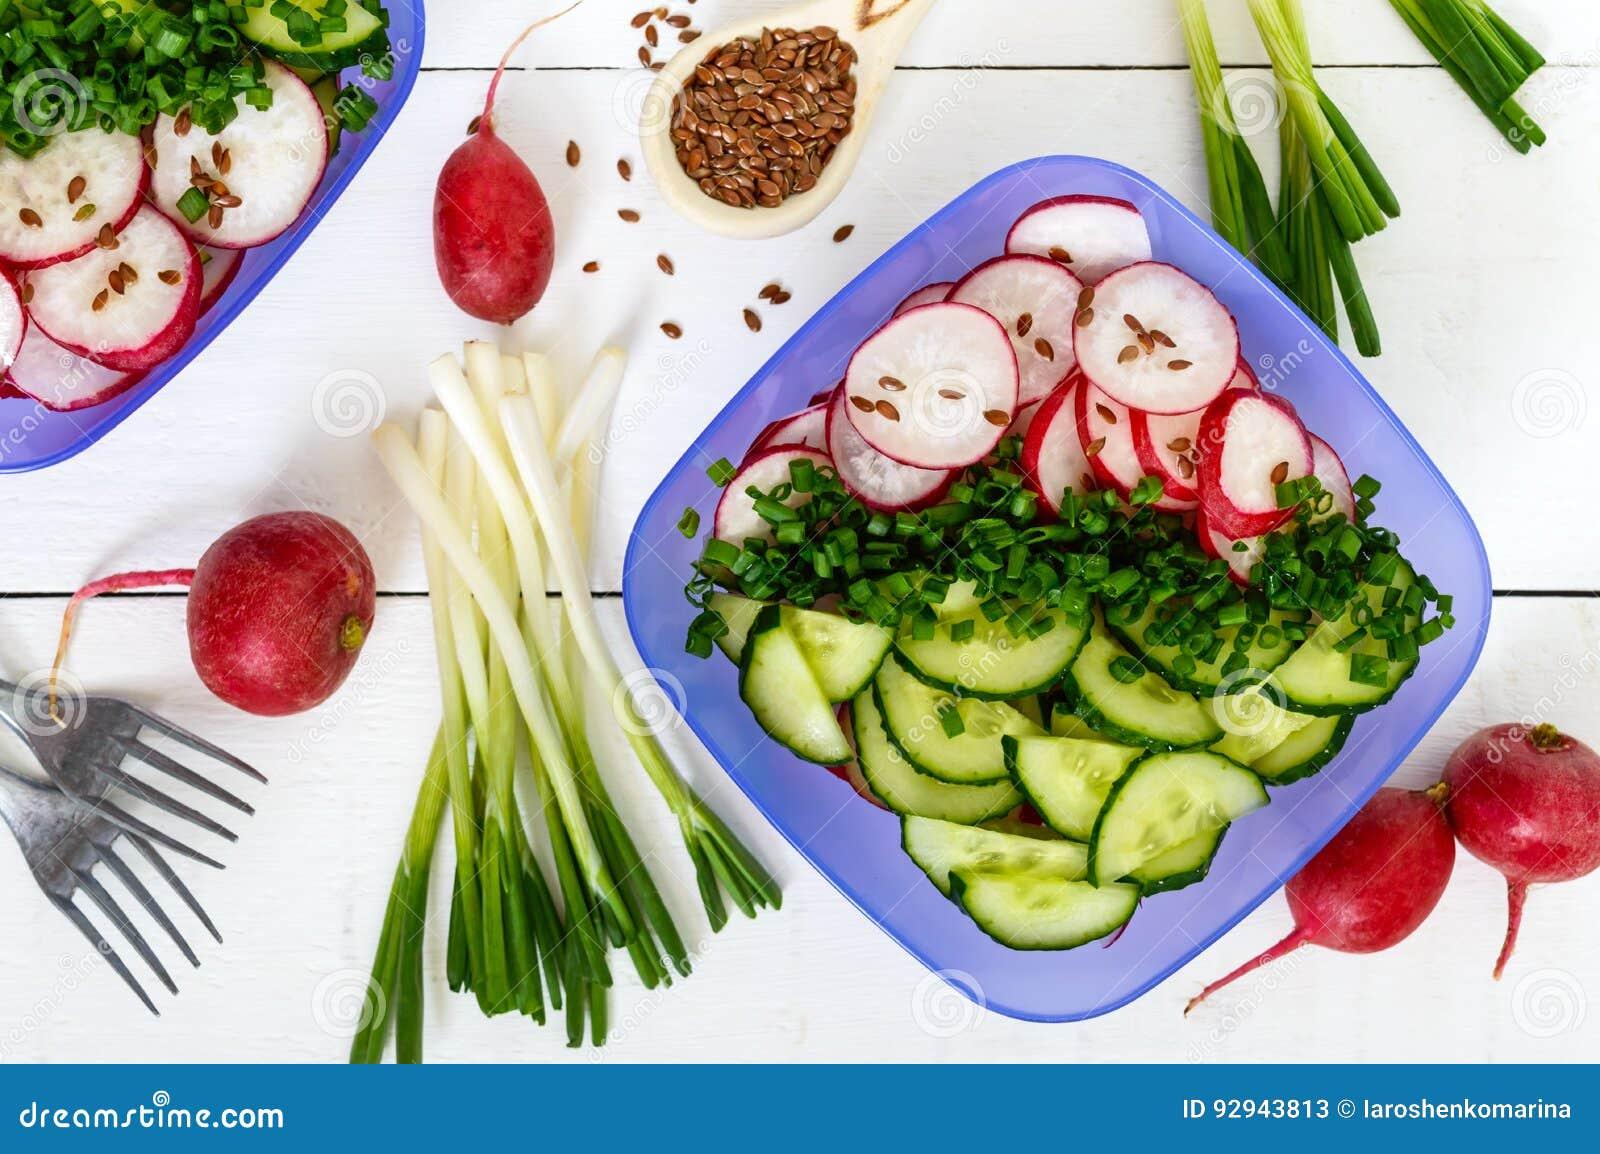 que vitaminas tiene el pepino de ensalada